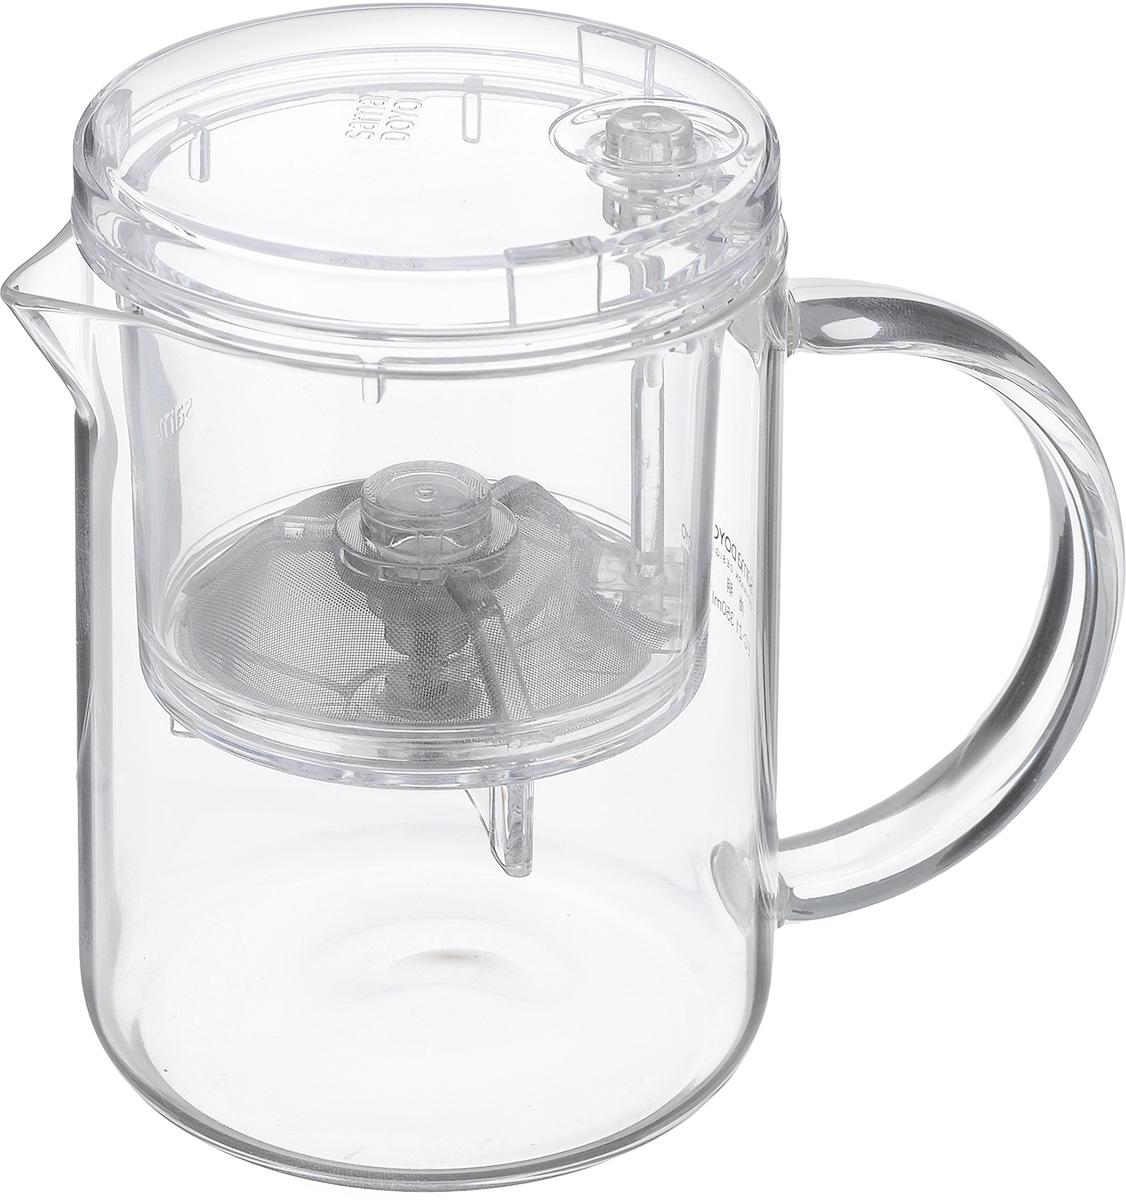 Чайник заварочный Samadoyo EC-02, 500 мл02112Чайник заварочный Samadoyo EC-02 – простой и в тоже время профессиональный инструмент для того, чтобы заварить ваш любимый чай. Уникальный механизм слива чайного настоя позволяет вам получить напиток любой степени крепости.Такая технология заваривания чая повторяет основной смысл чайной церемонии – получить напиток максимального качества. Однако имеет перед ней два существенных преимущества - мобильность и простоту. Чайник можно не только с комфортно использовать на работе или в офисе, но и взять с собой в путешествие, чтобы ваш любимый чай был всегда с вами! Чайник выполнен из высококачественного боросиликатного стекла и выдерживает температуры до 180°С, что позволяет не беспокоиться относительно слишком горячего кипятка. Чайник и колба полностью прозрачна, что позволяет в любое время любоваться цветом чайного настоя. Заварочная колба выполнена из специального пищевого пластика, имеет металлическую сеточку-фильтр, предотвращающую попадание чаинок в настой, а...